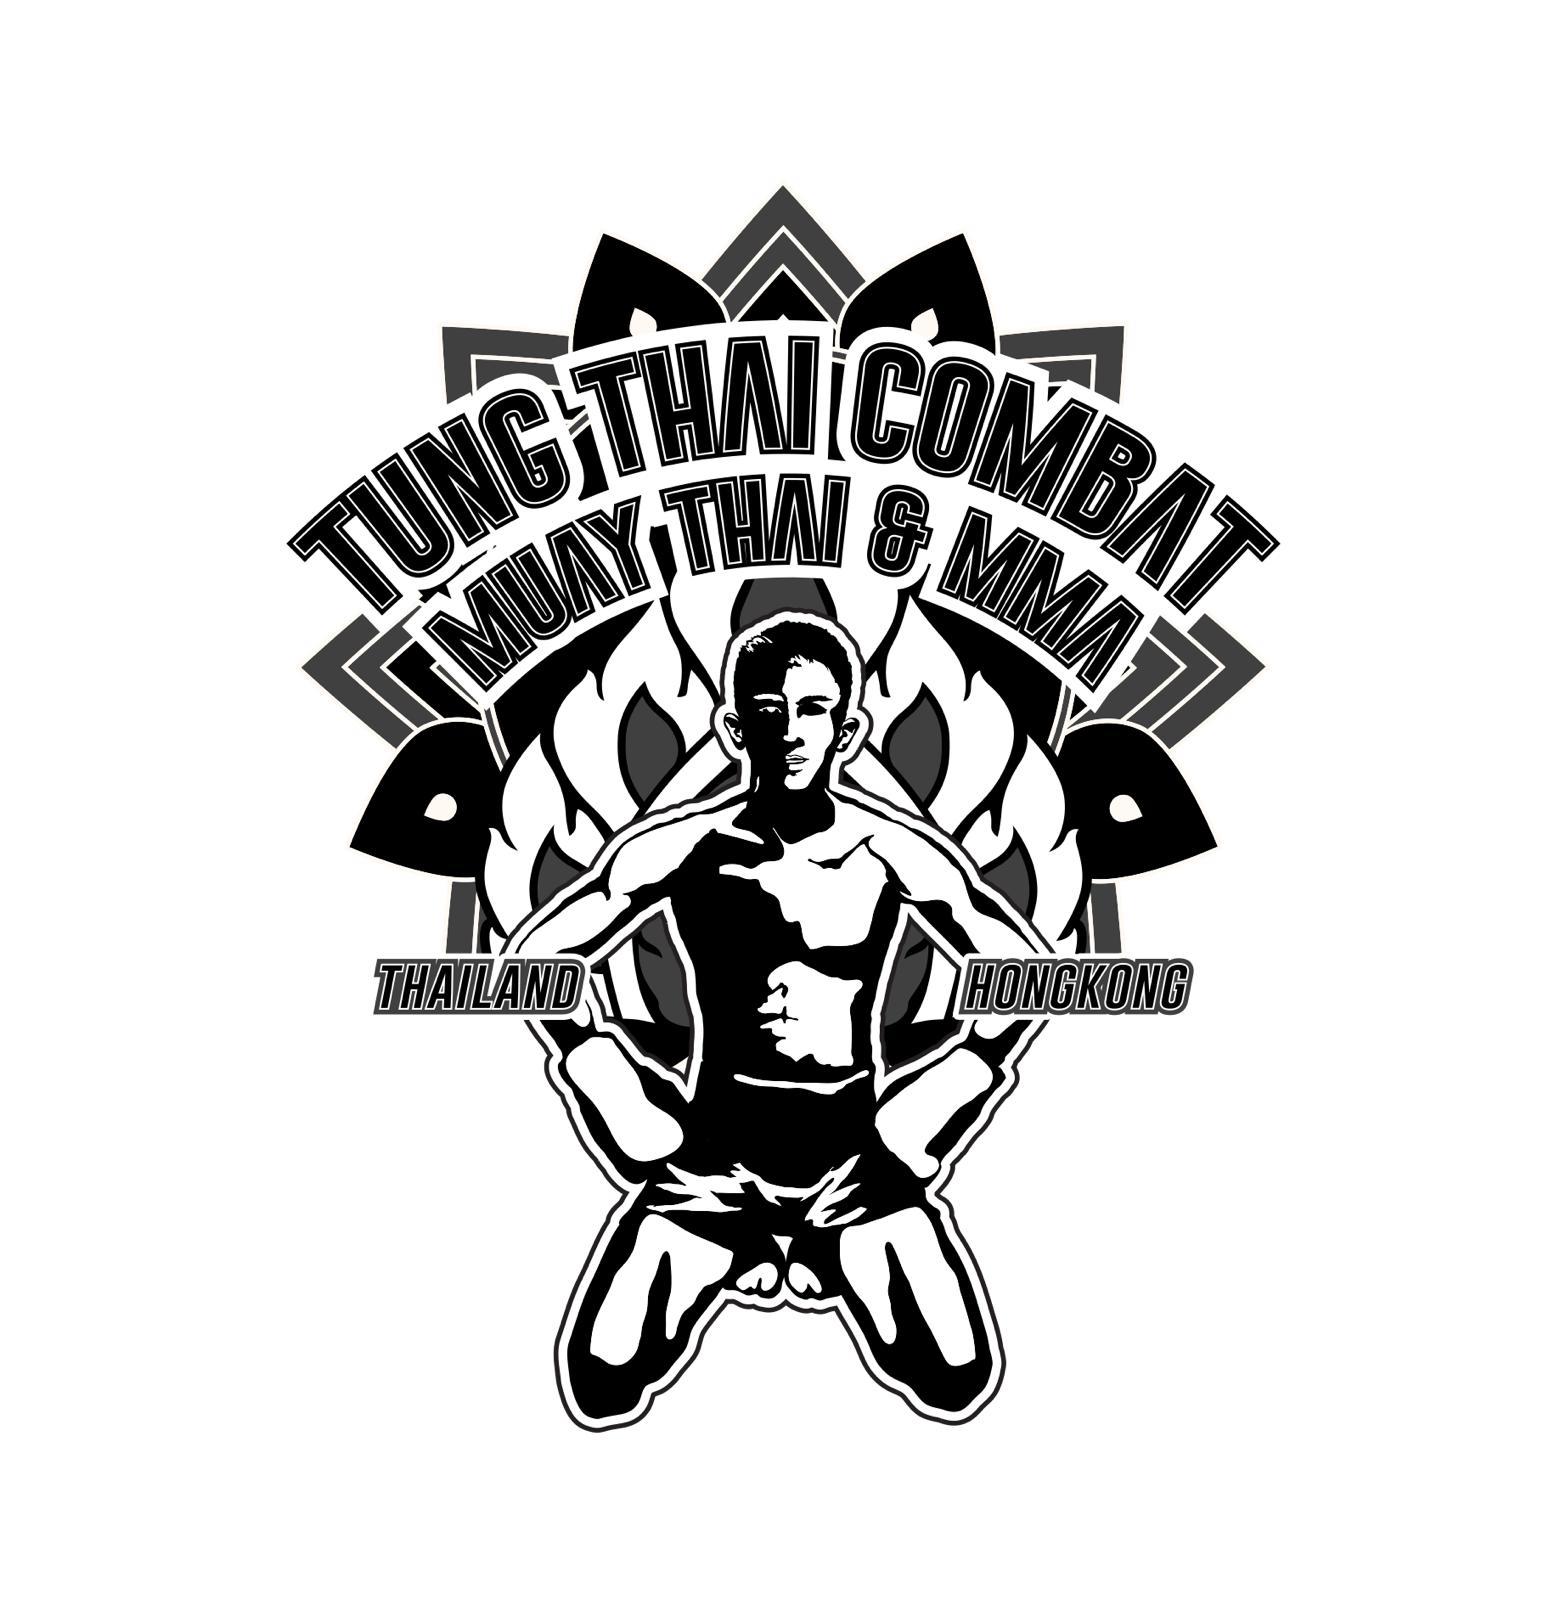 Tung Thai Combat商標